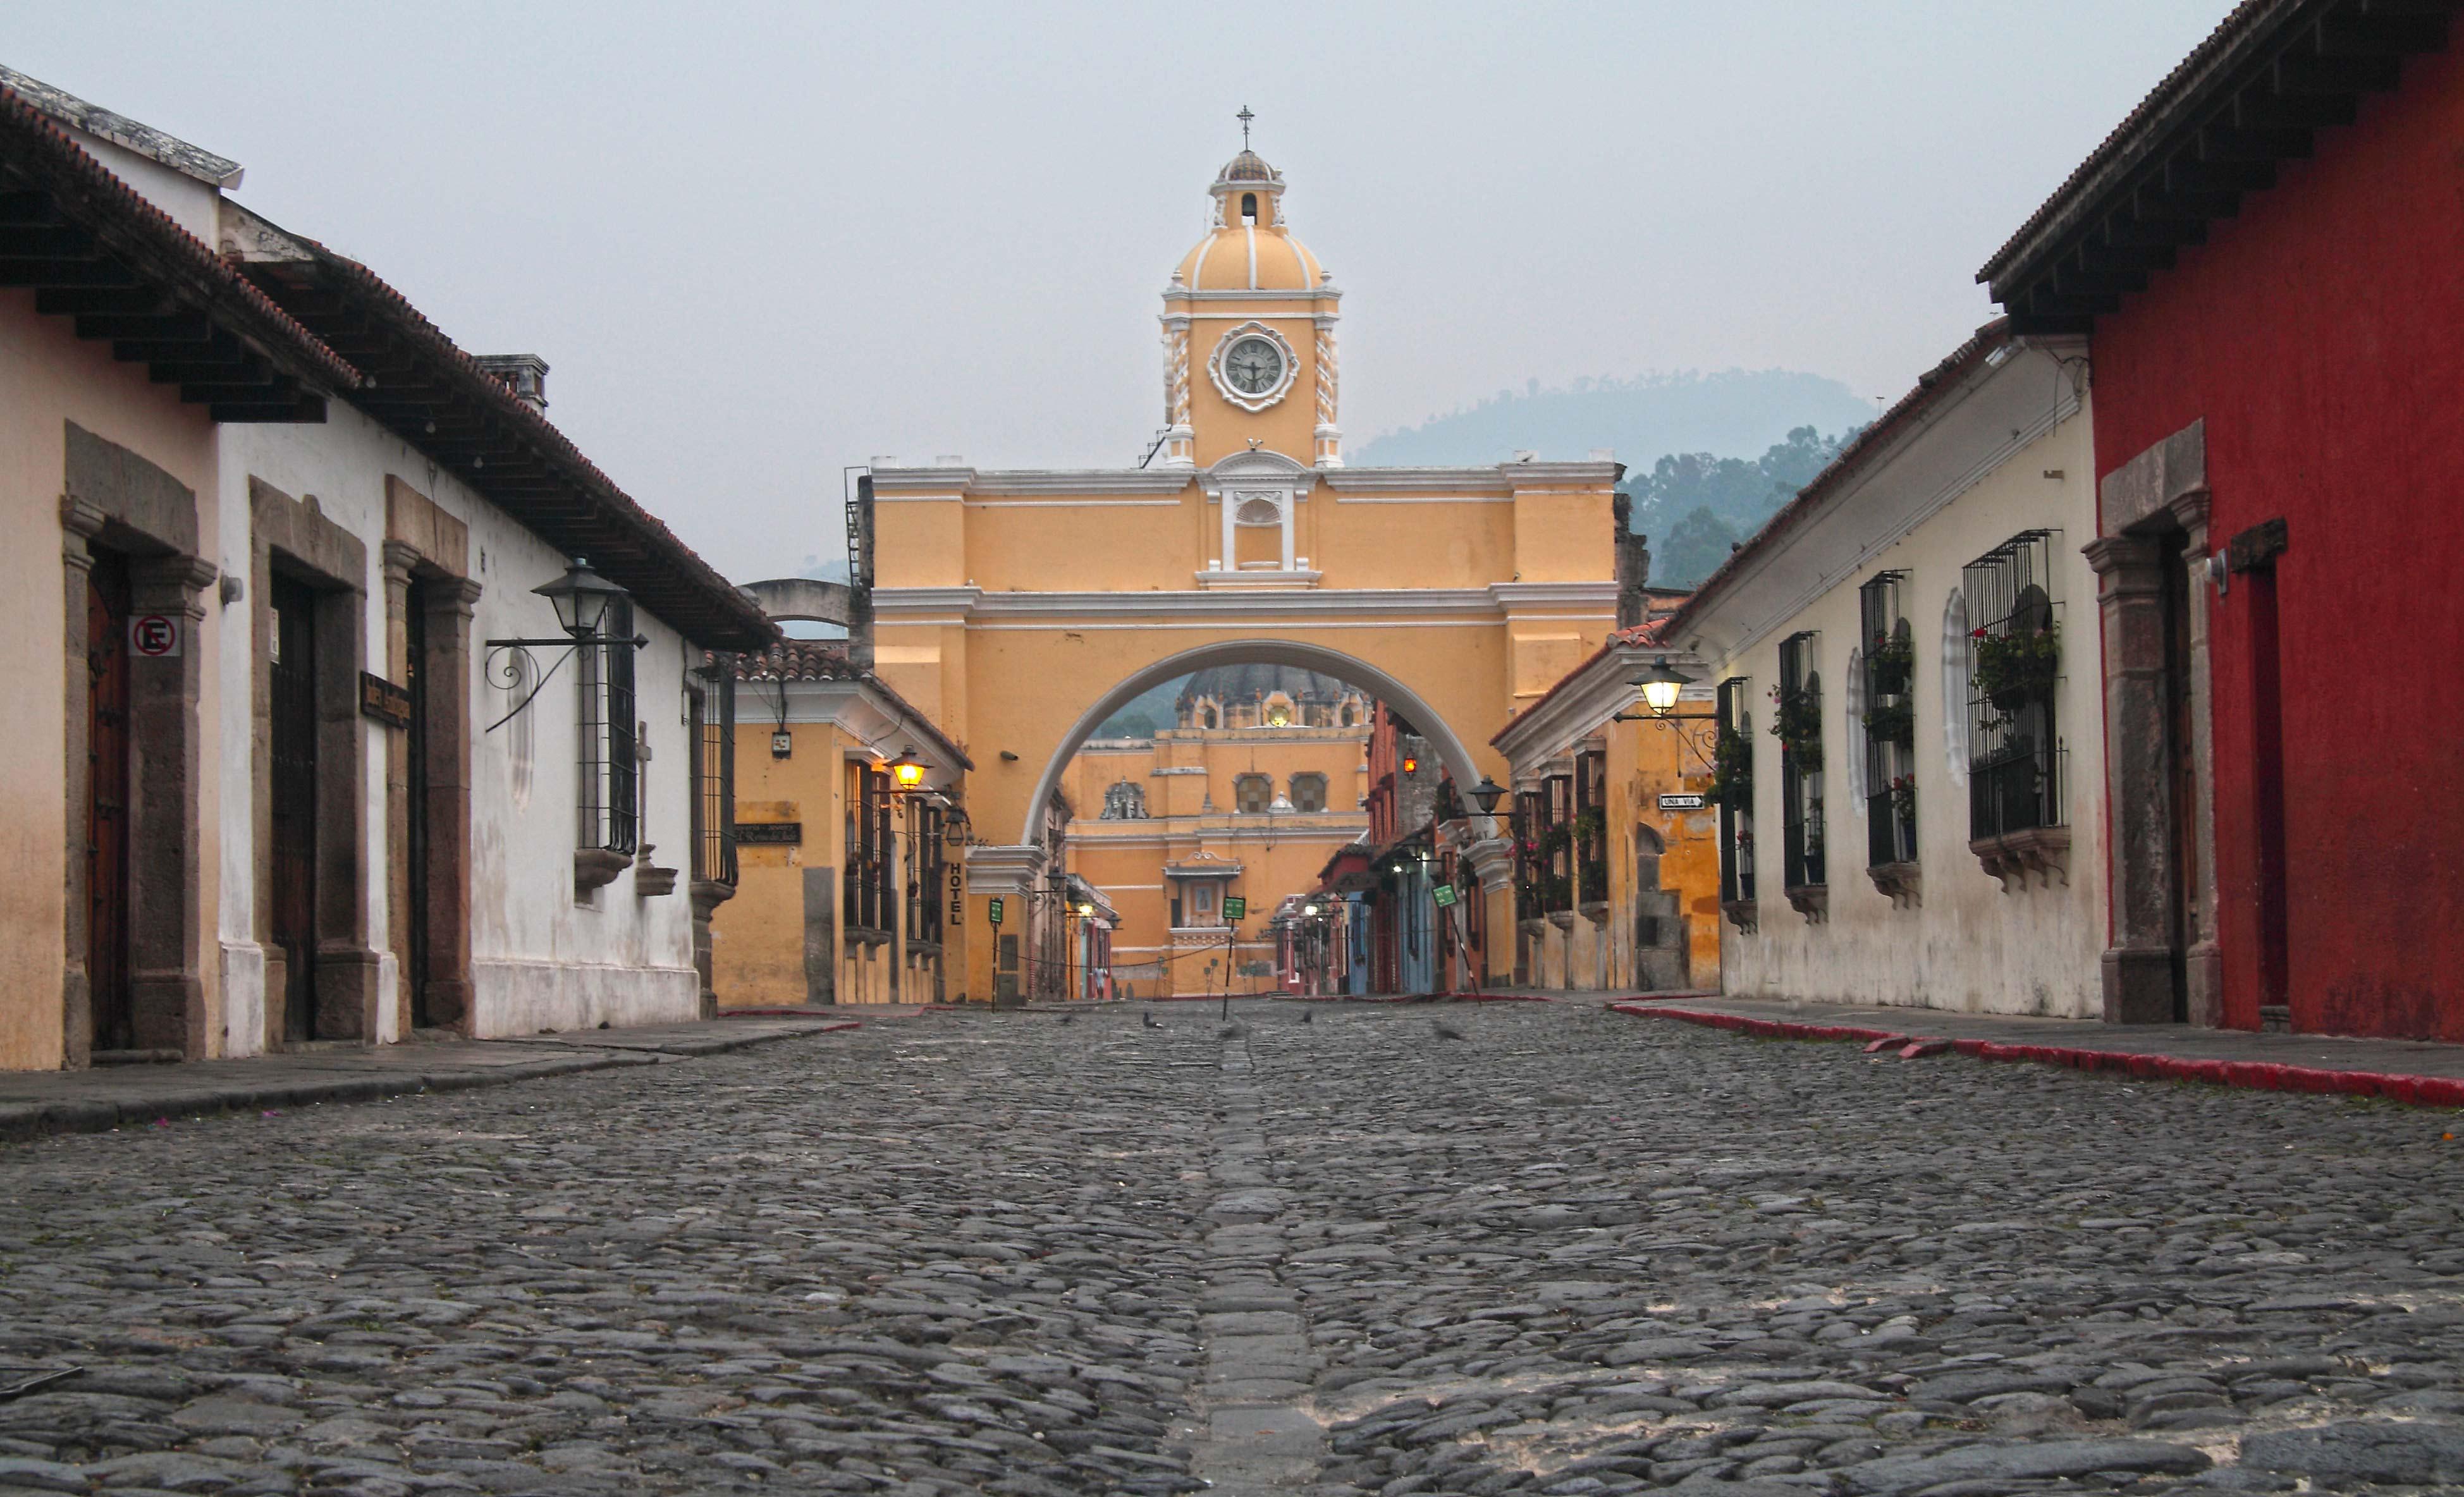 Resultado de imagen para ANTIGUA GUATEMALA FOTO INGUAT